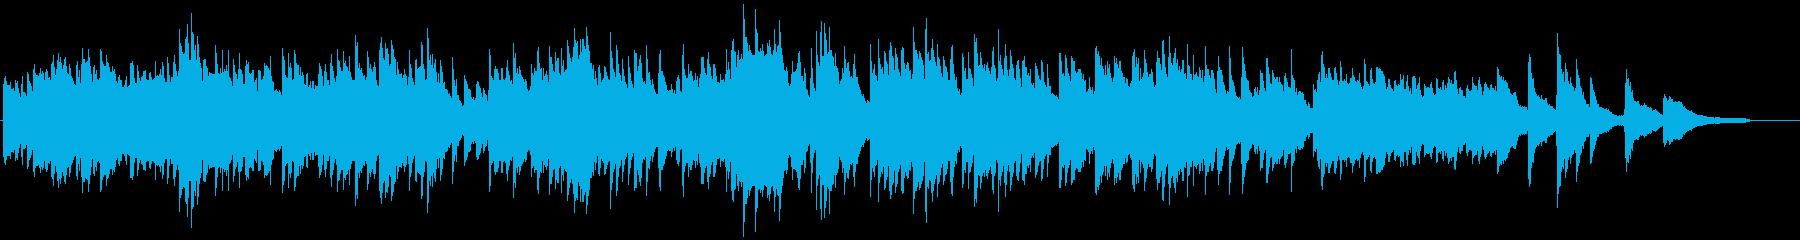 懐かしさを感じる温かいピアノ曲の再生済みの波形